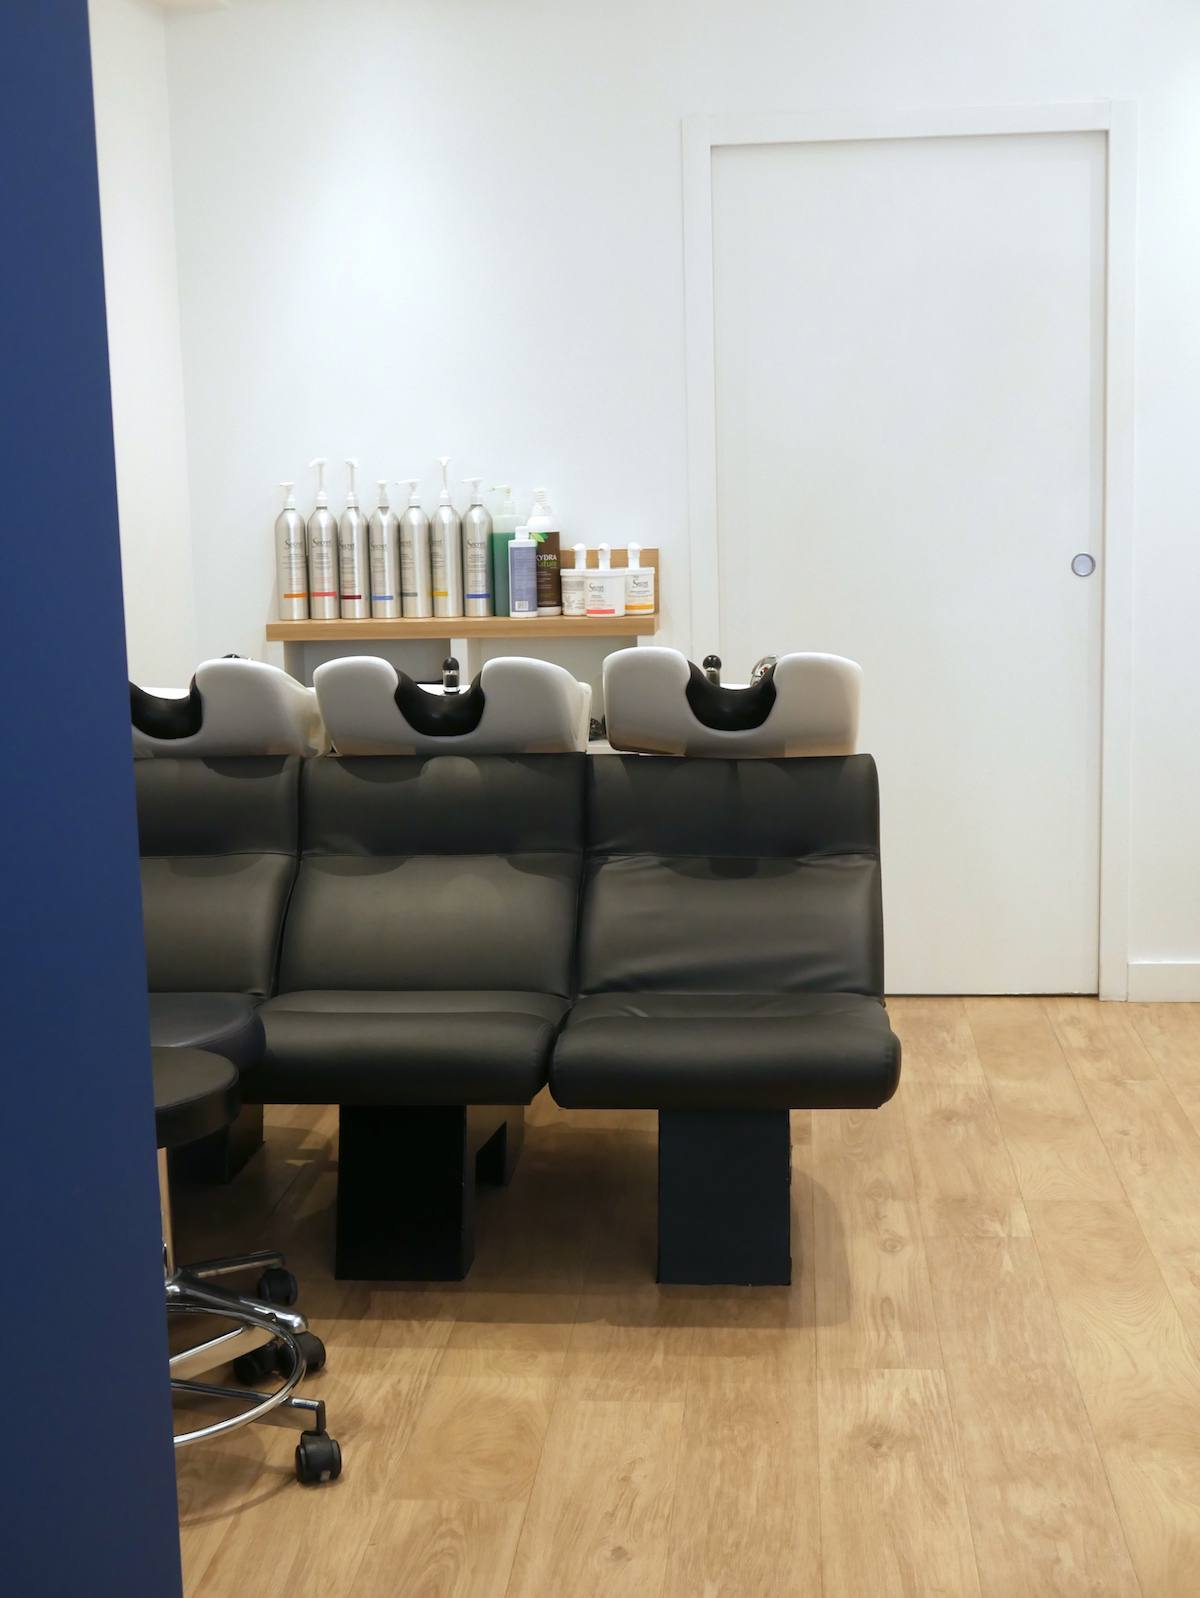 coiffeur-nantes-salon-le-dix-huit-blog-nolwenn-c-12